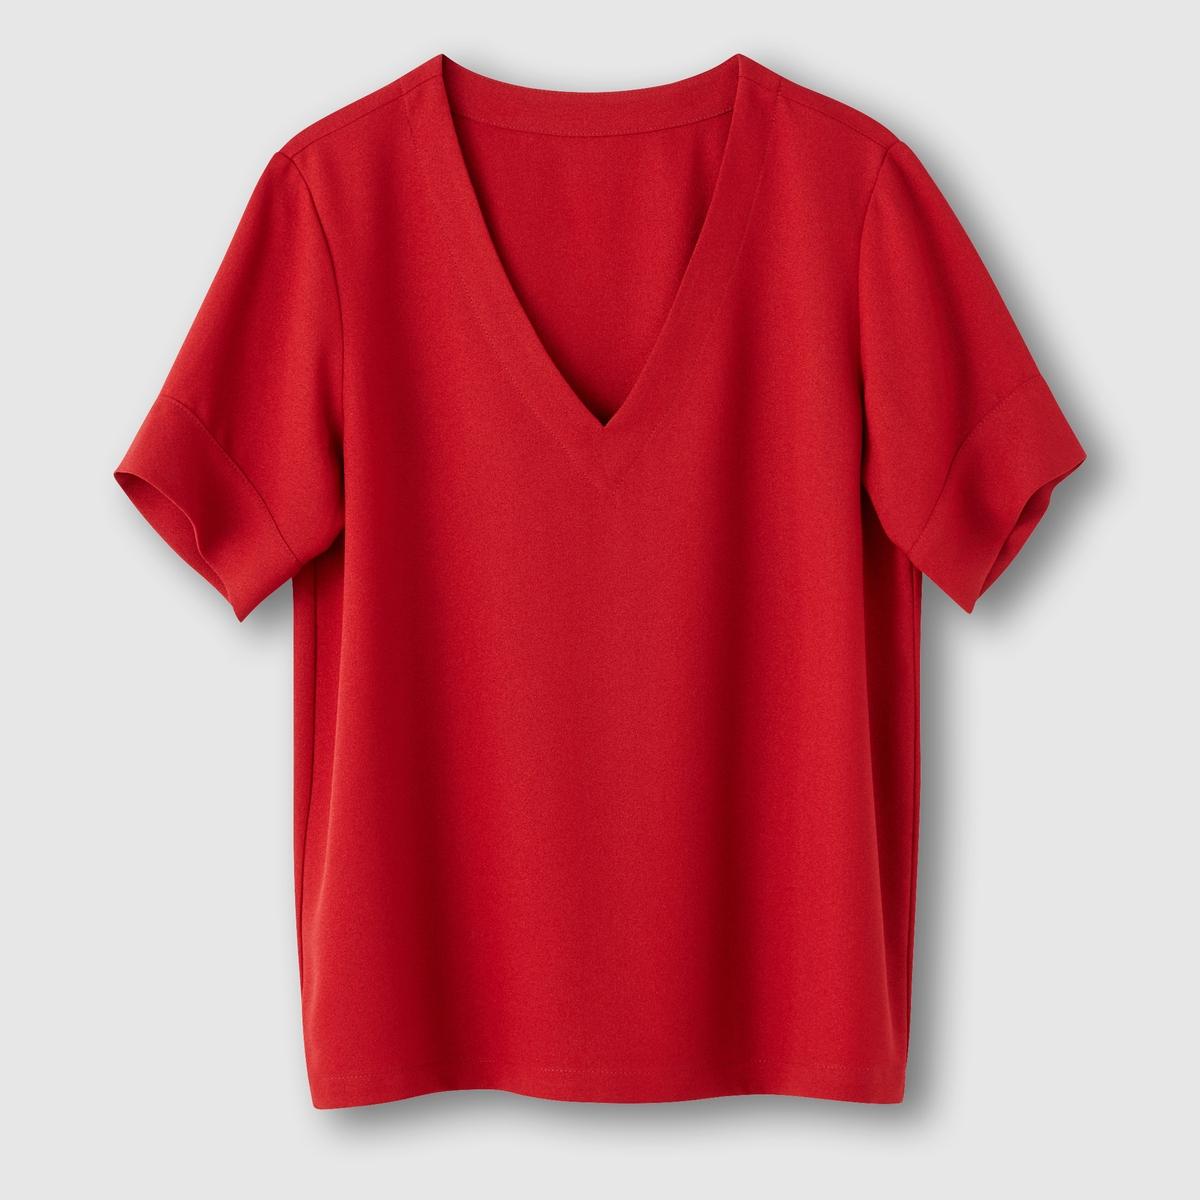 Блузка с короткими рукавами и V-образным вырезомБлузка с короткими рукавами R essentiel . Прямой покрой и объемный покрой . V-образный вырез. Состав и описаниеМарка : R essentiel.Материалы : 100% полиэстерУход : Машинная стирка при 30 °CСтирка с одеждой подобного цвета, стирка и глажка с изнанки Глажка на низкой температуре Машинная сушка разрешена на умеренном режиме<br><br>Цвет: красный